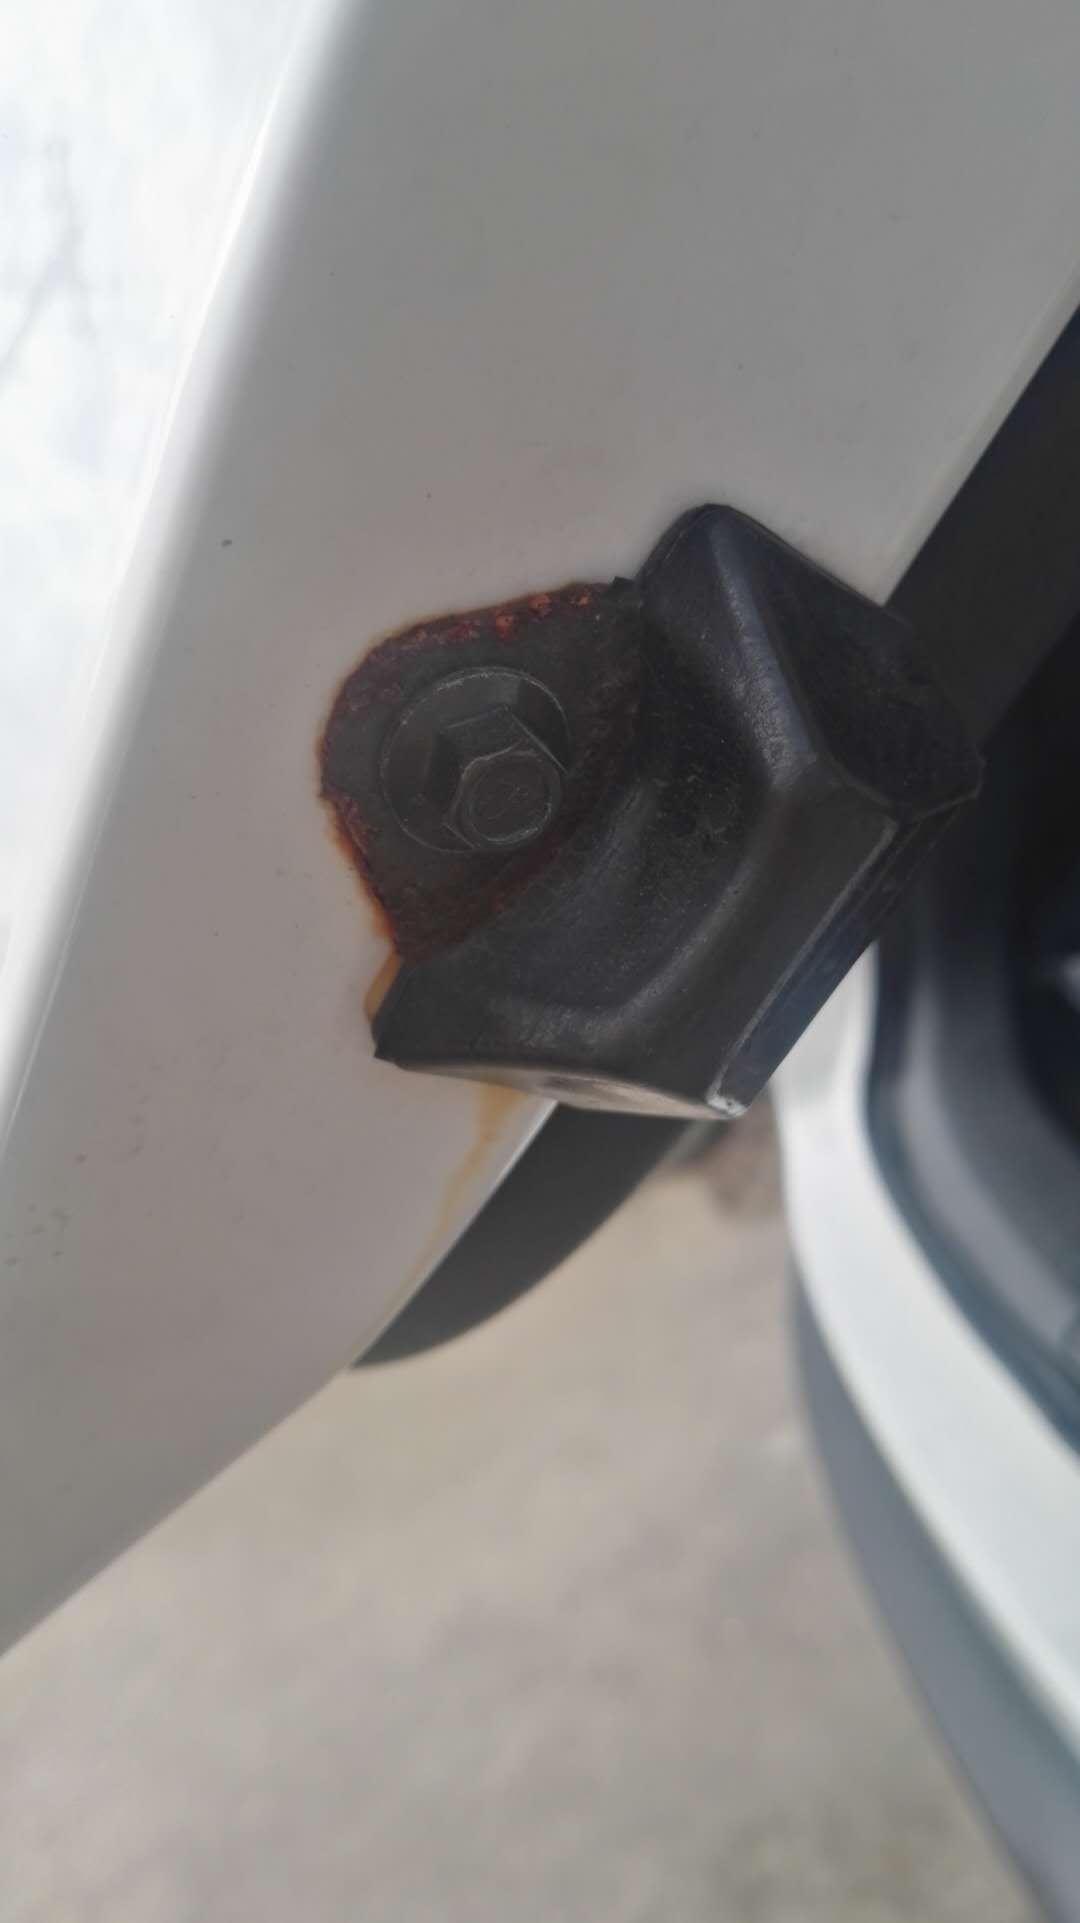 众泰-大迈X5 从购车起故障不断,到现在发动机多次修不好